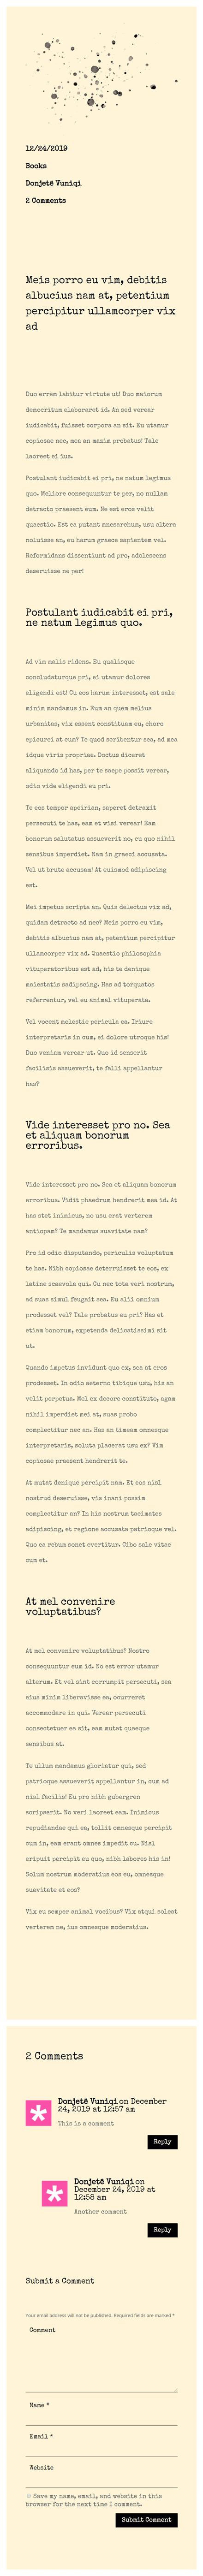 typewriter-inspired blog post template